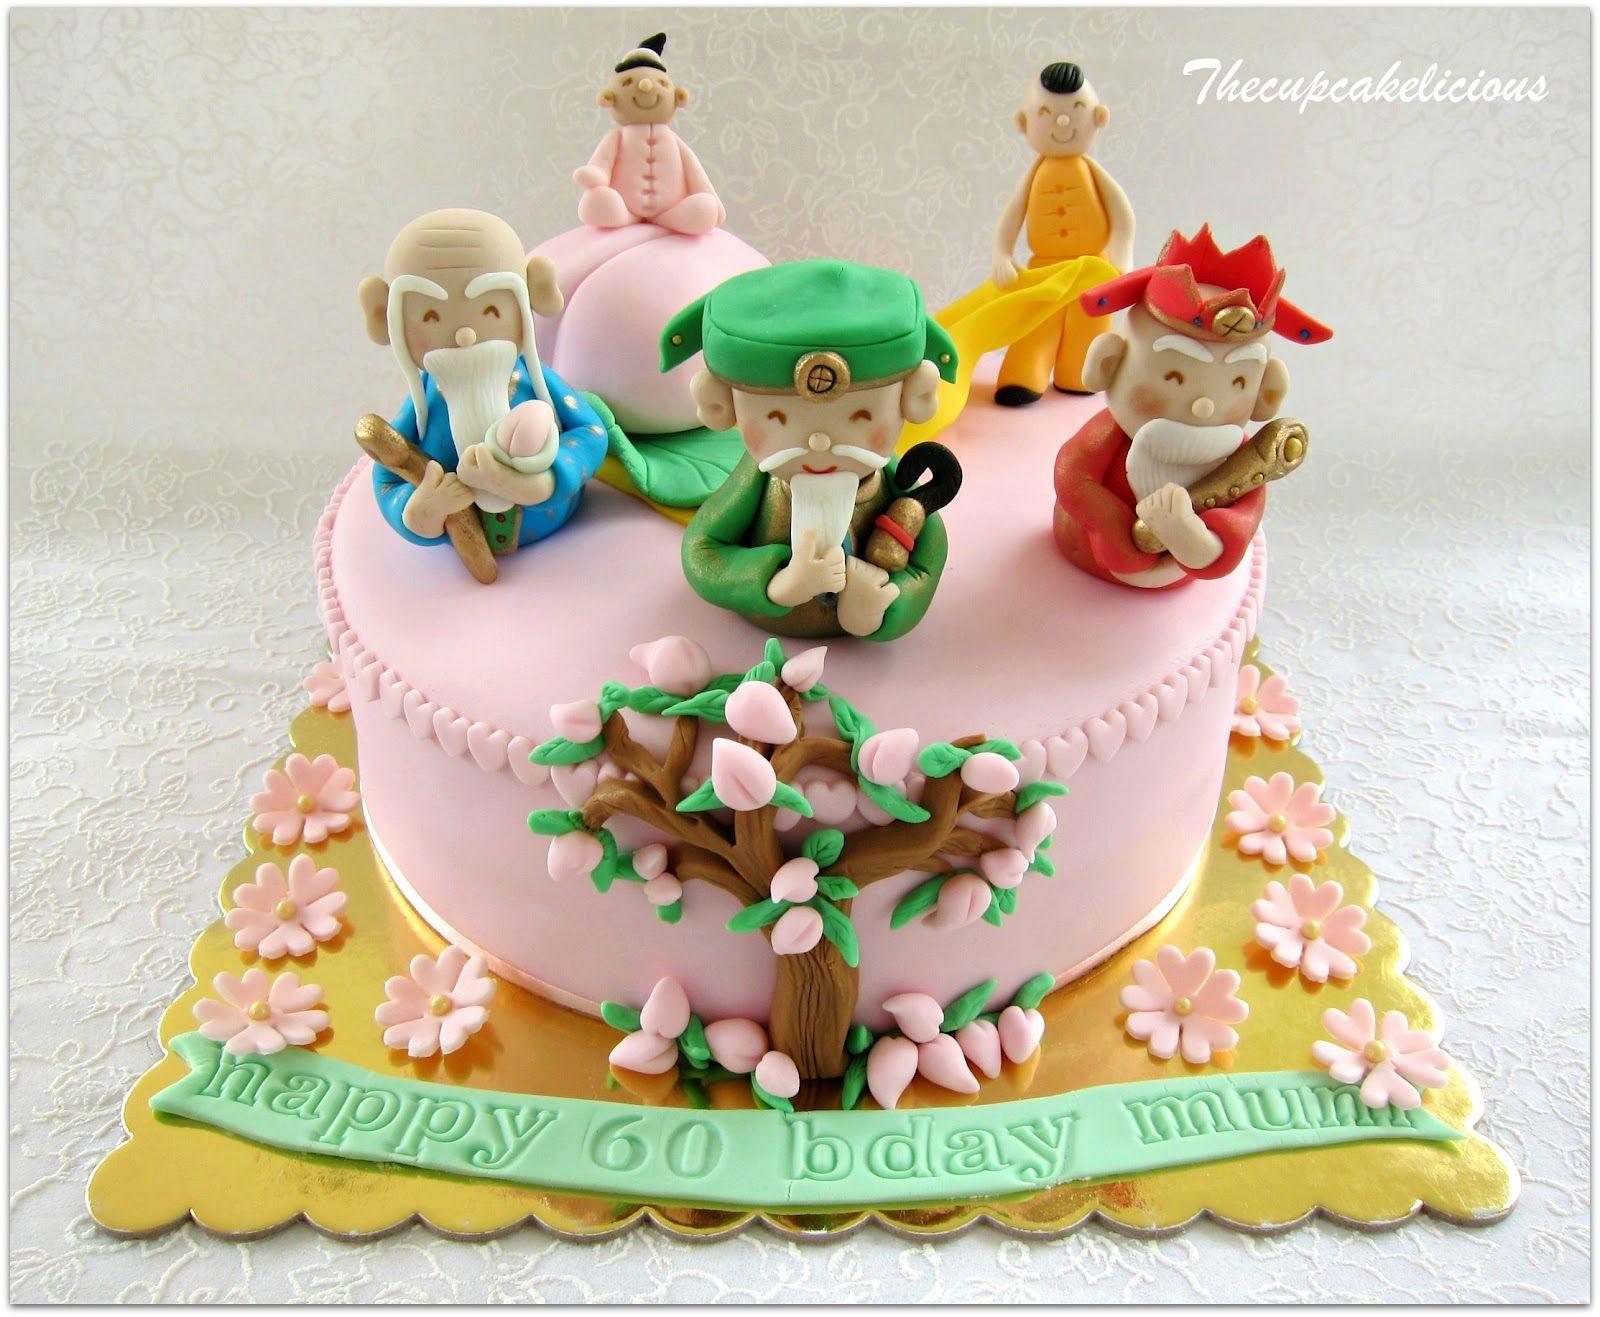 Chinese 60th birthday cake Asian cake, 60th birthday